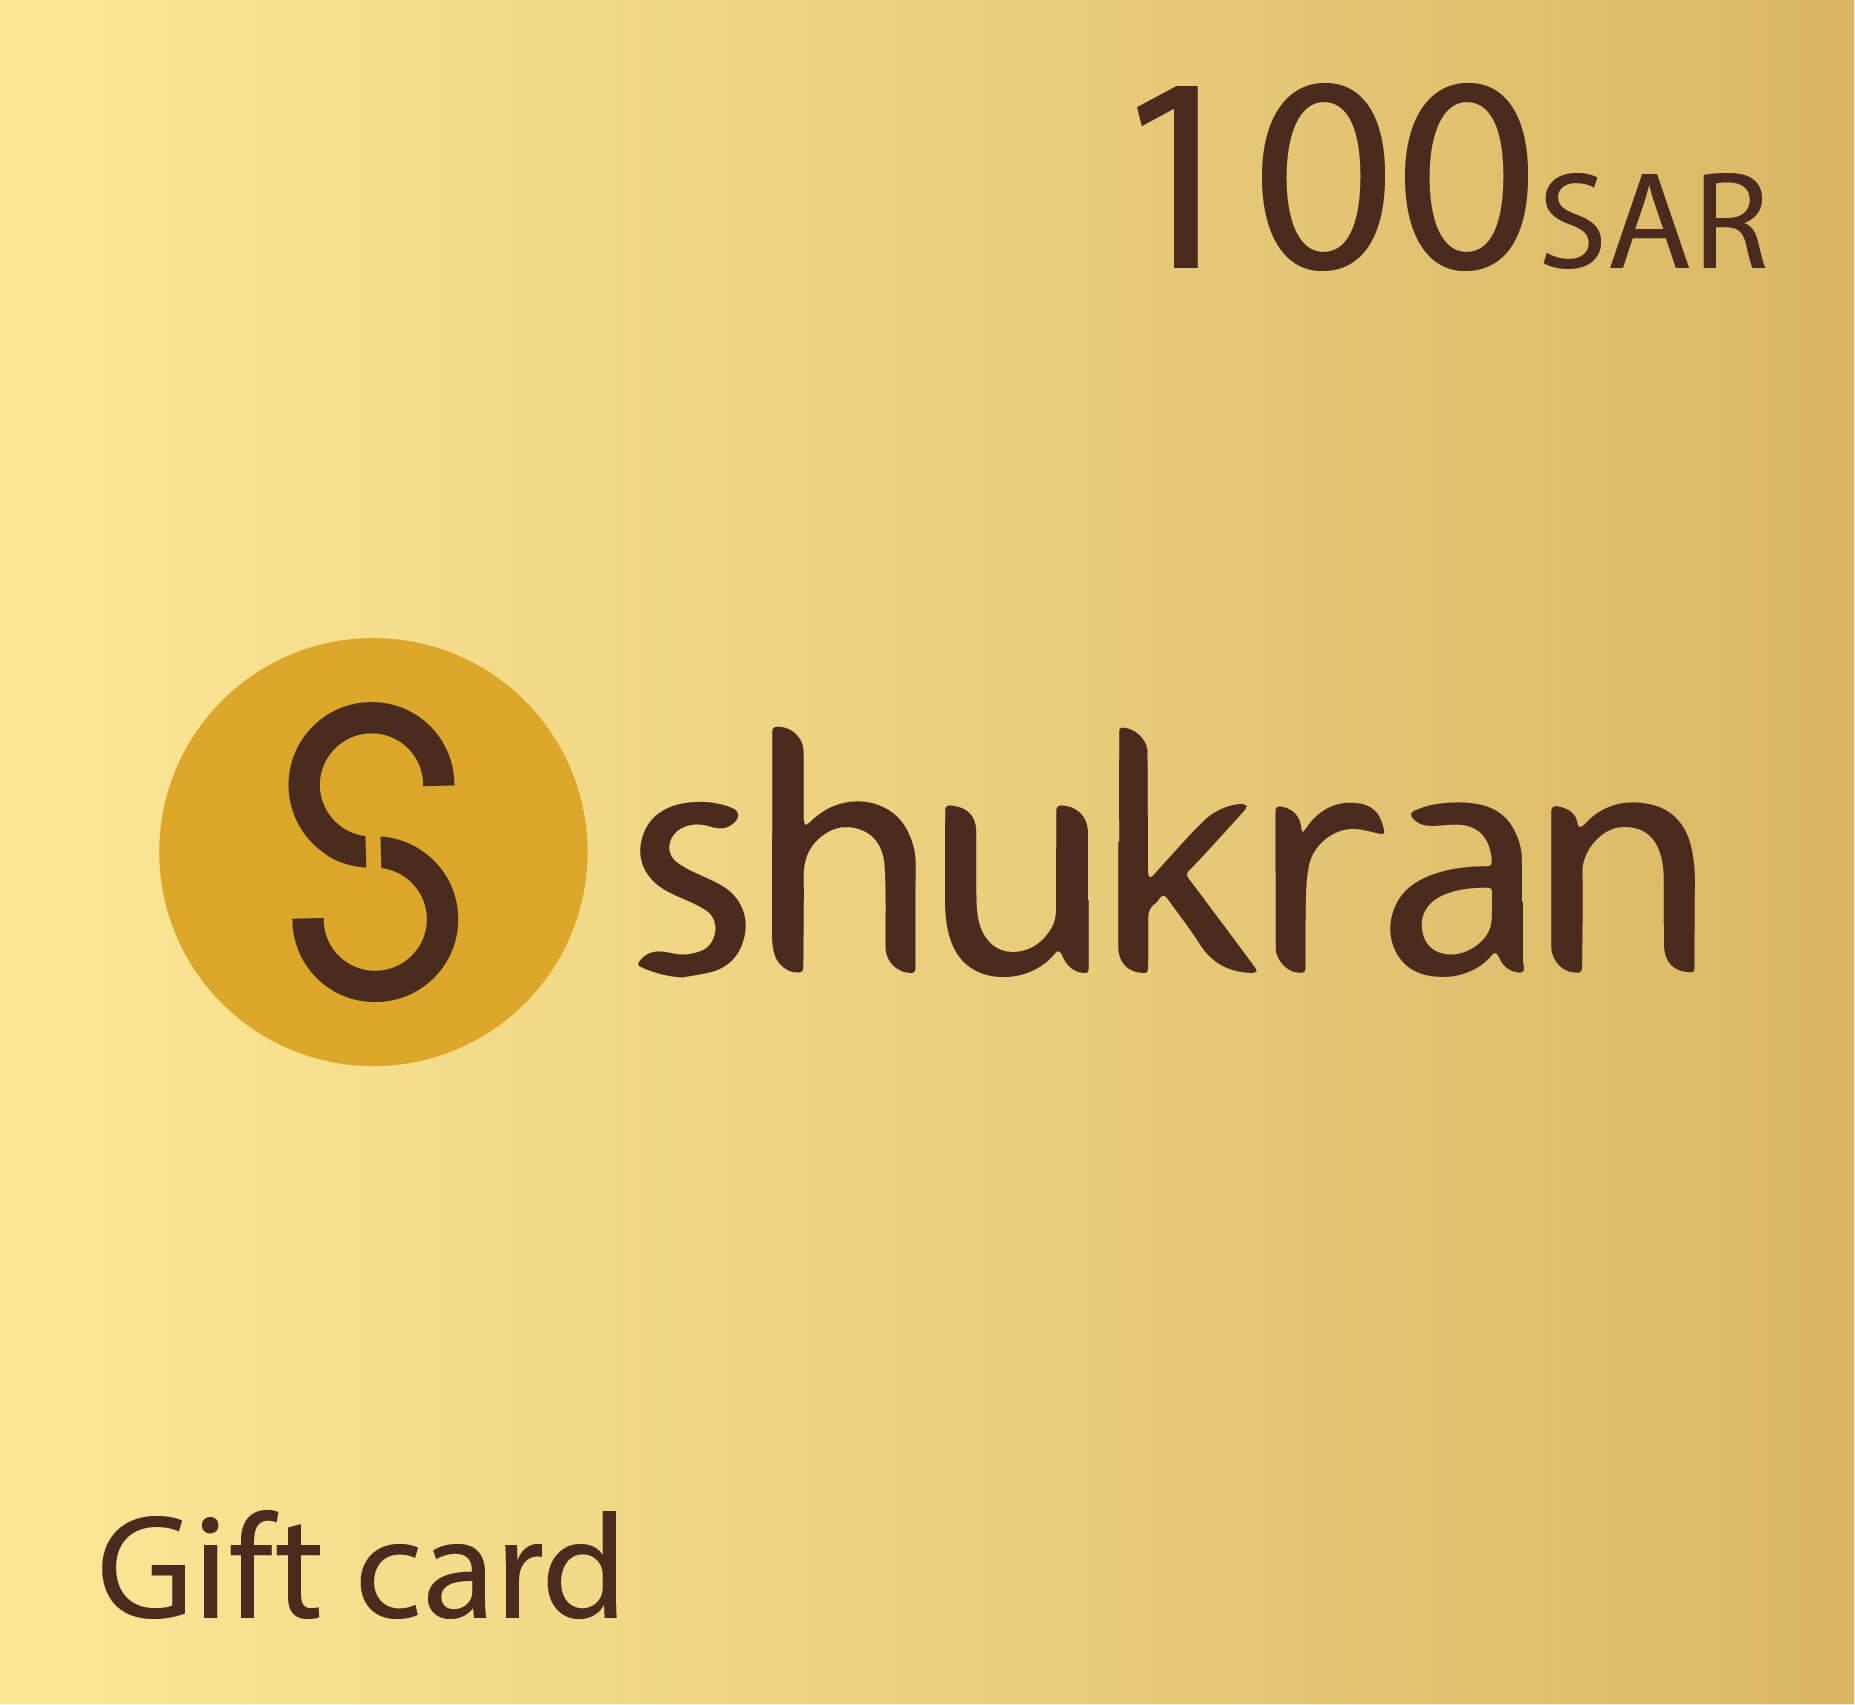 Shukran Gift Card - 100 SAR